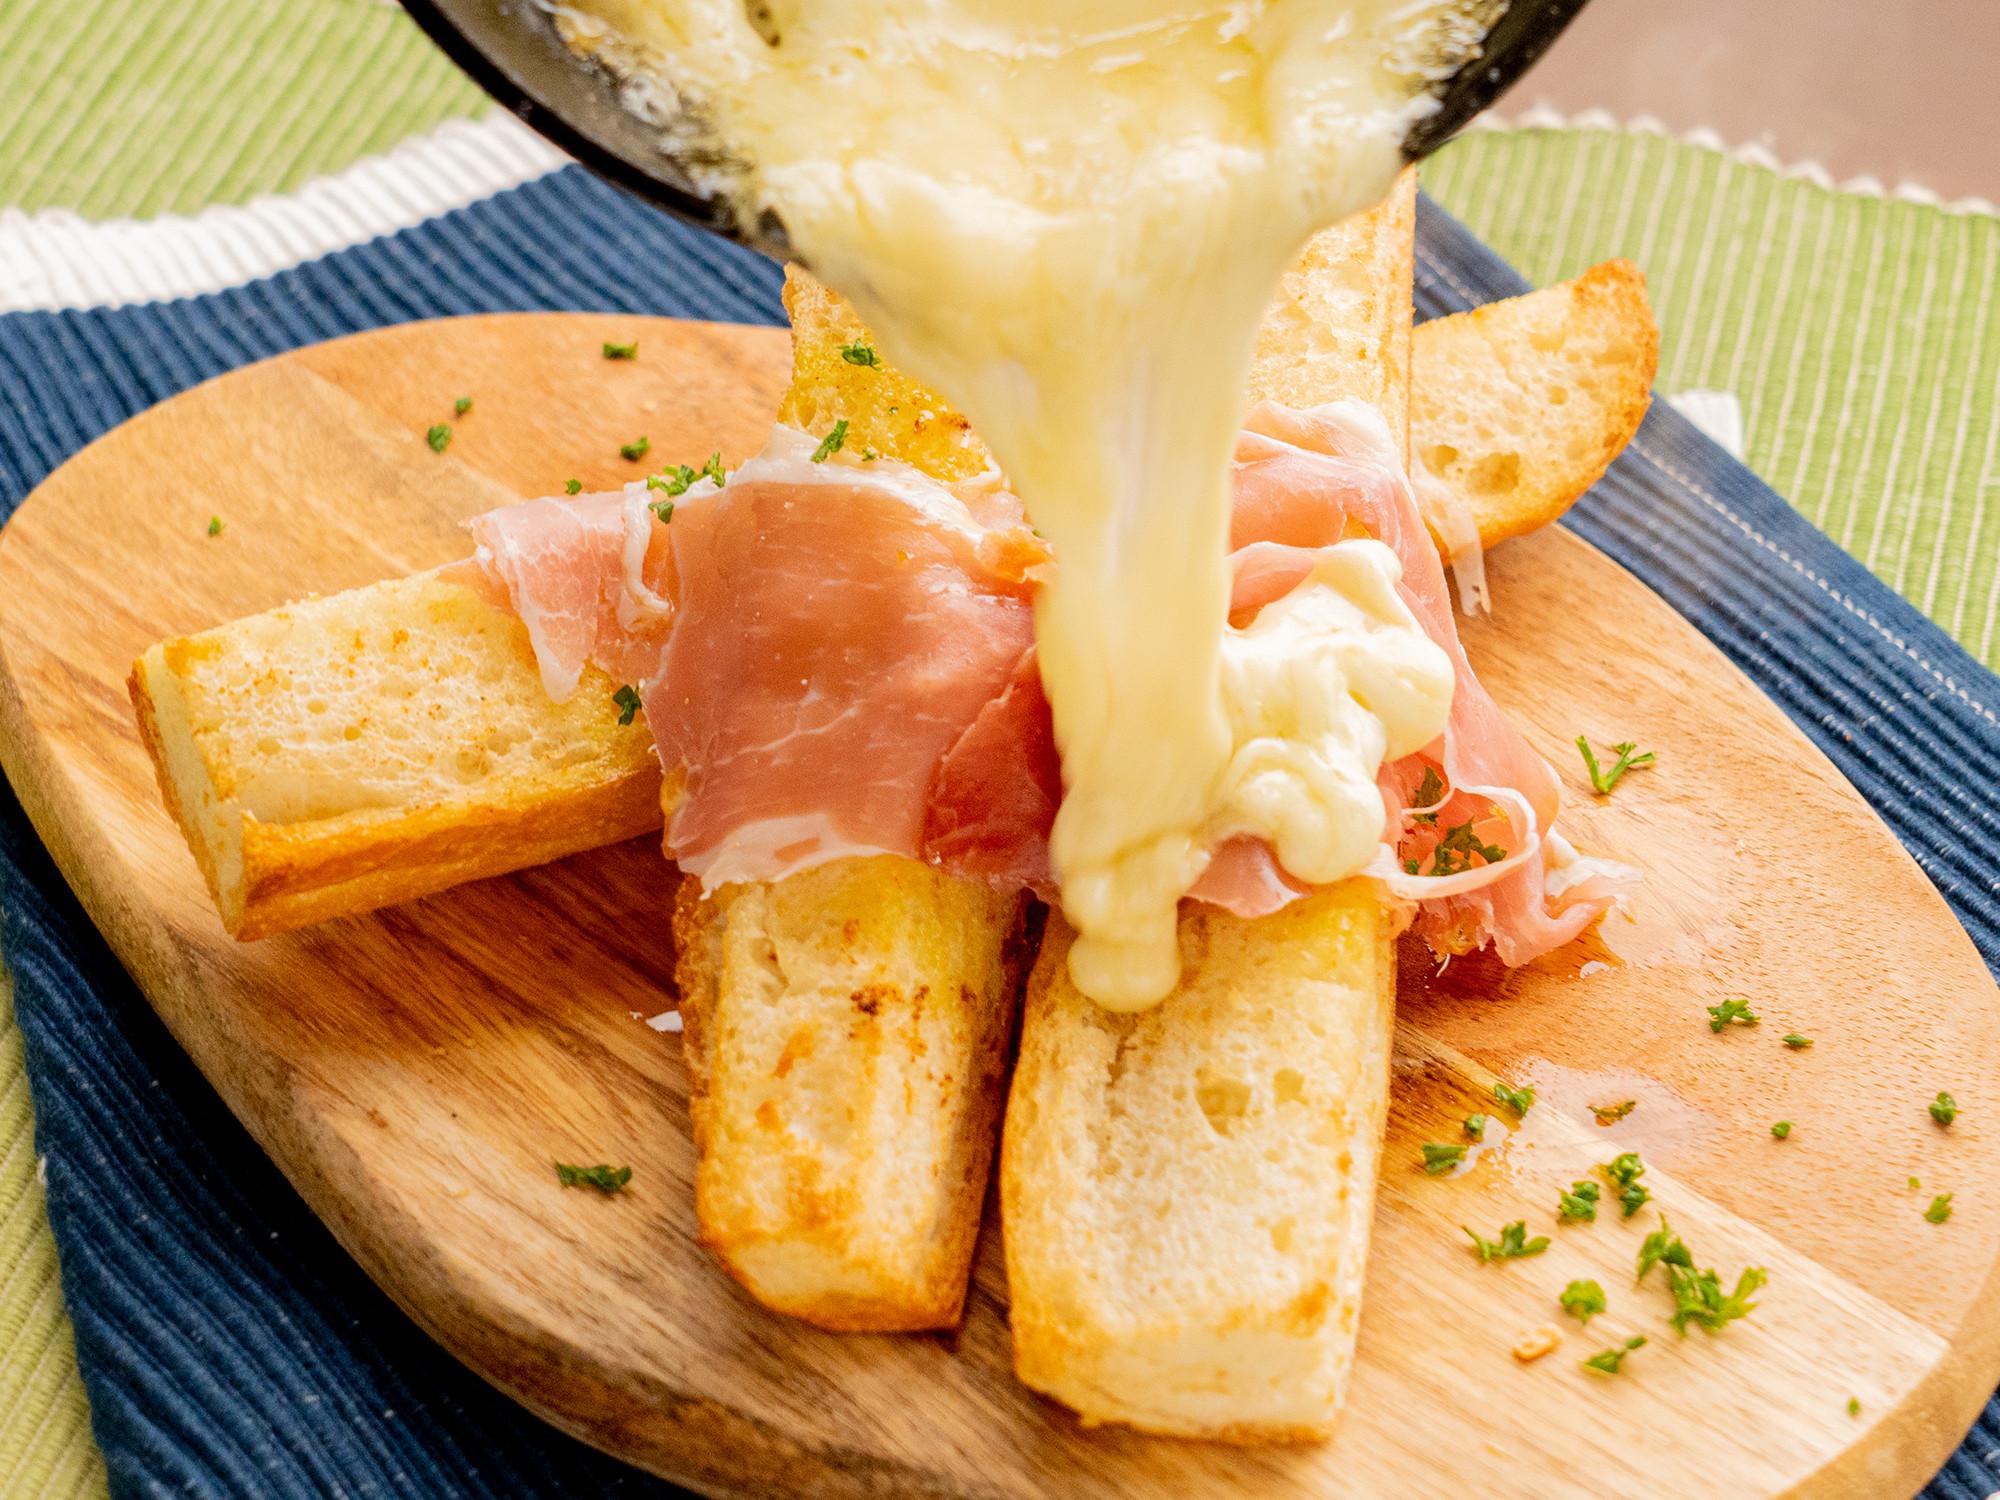 長〜いガーリックトーストと生ハム+ラクレットチーズがけ